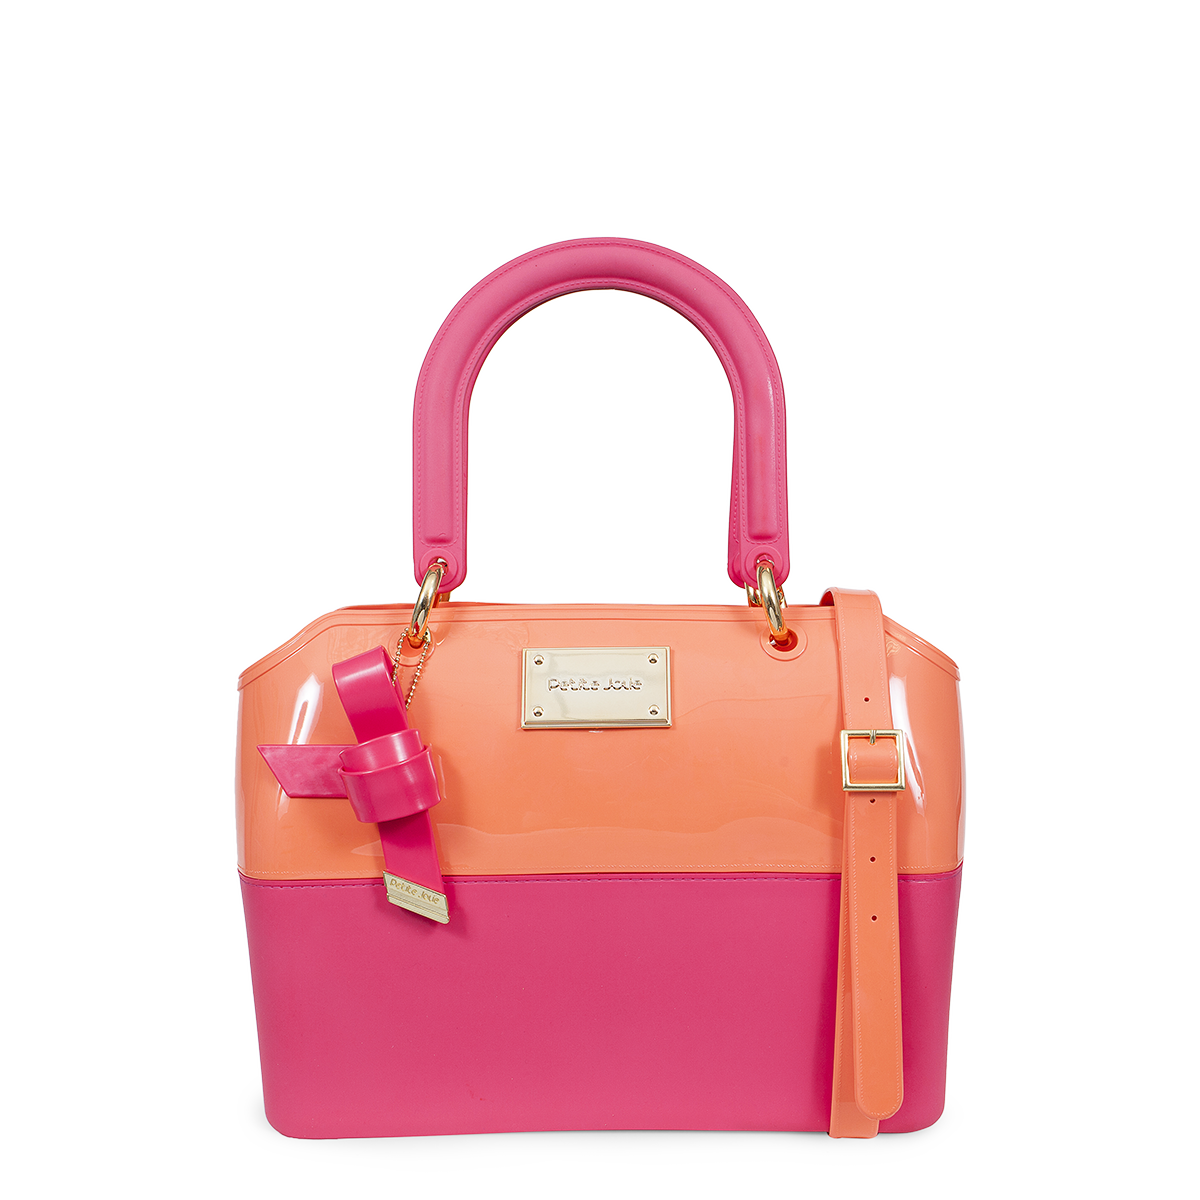 0f6a7b9915 Bolsa média Petite Jolie Zip Bag de PVC rosa com detalhe de laço e duas  opções